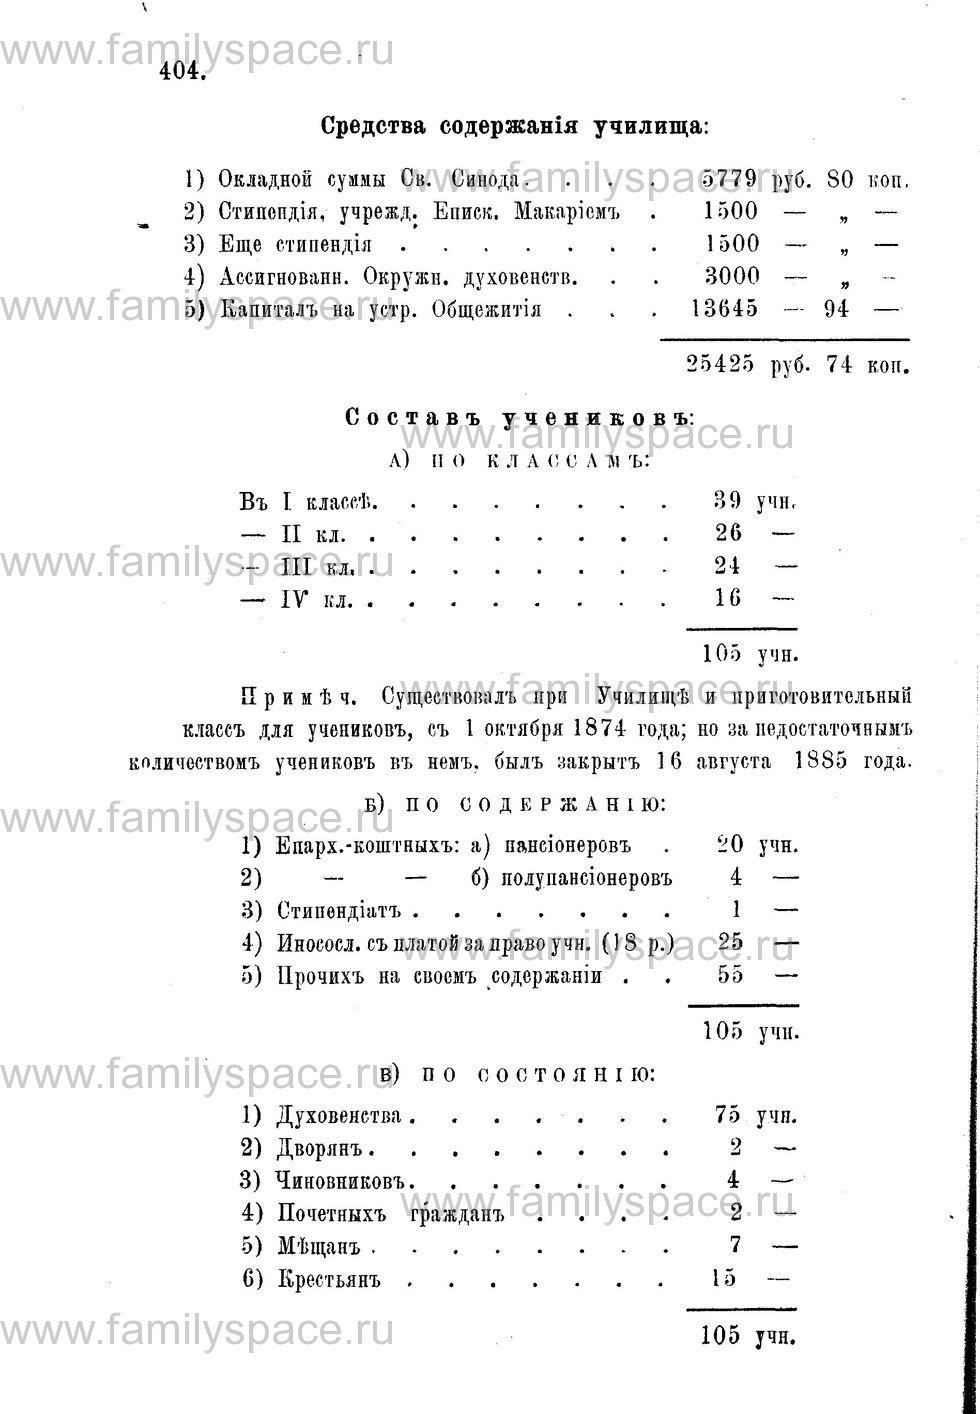 Поиск по фамилии - Адрес-календарь Нижегородской епархии на 1888 год, страница 1404